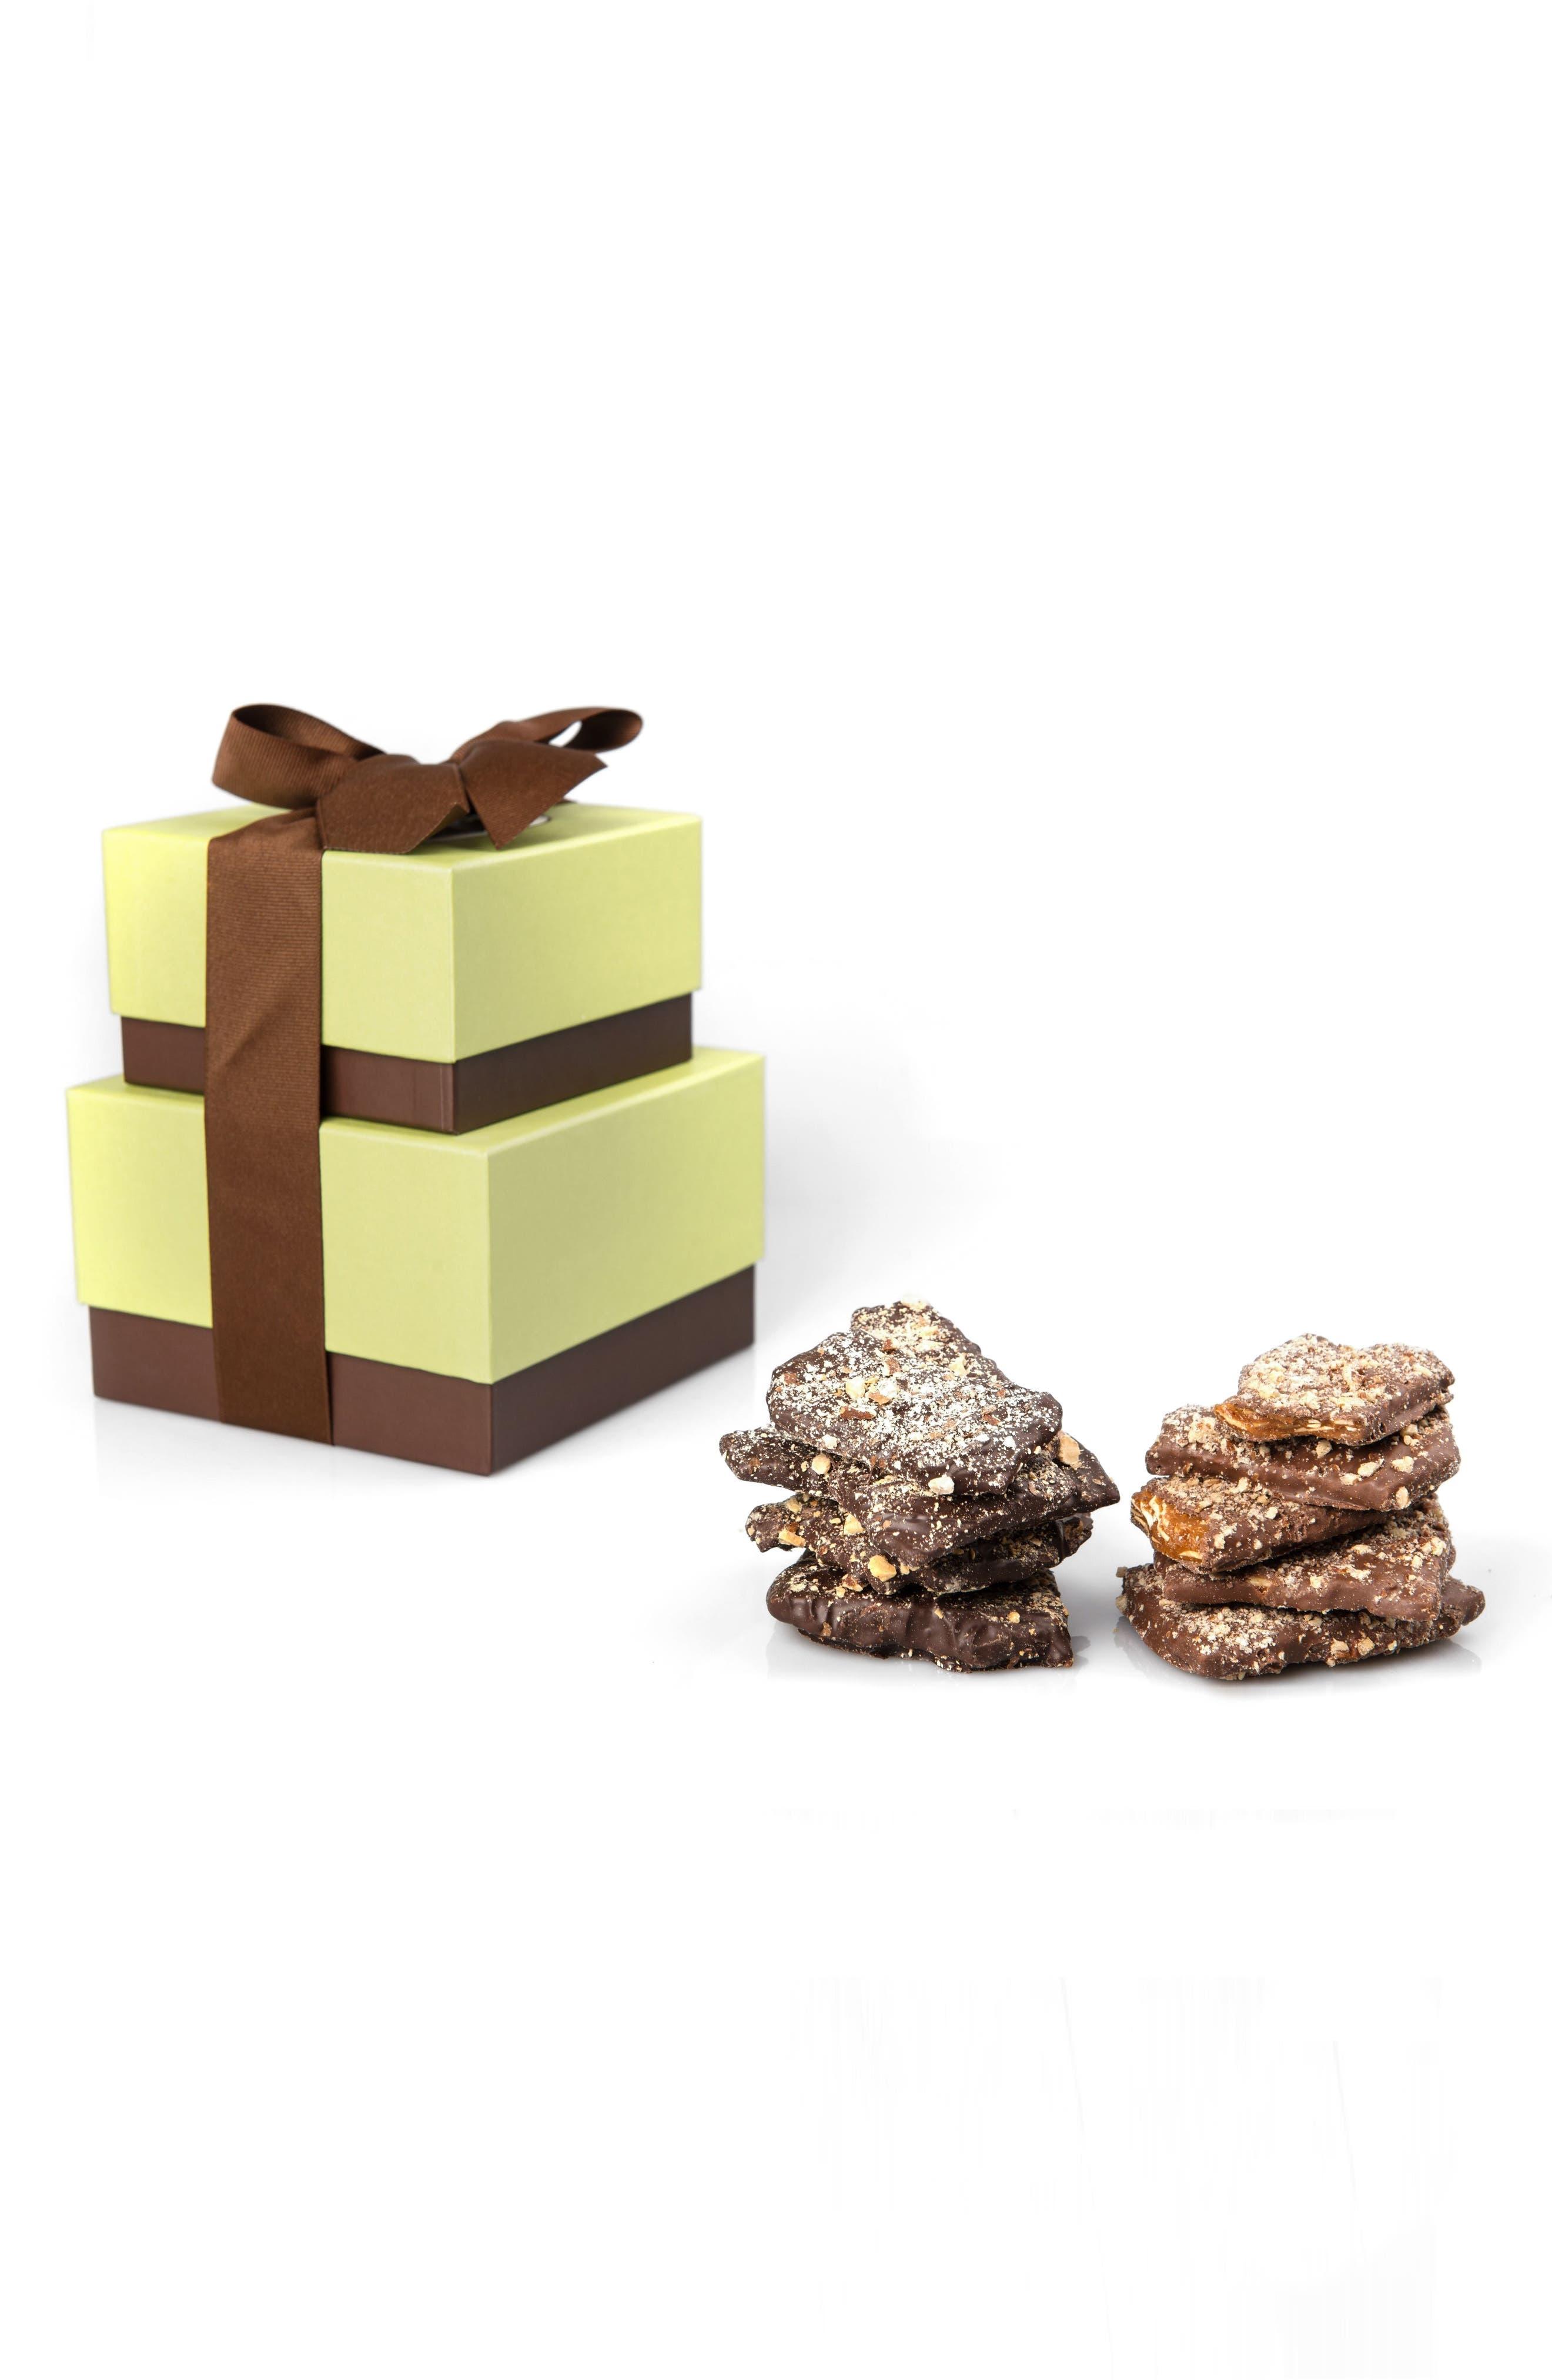 Dark Chocolate Almond & Milk Chocolate Pecan Toffee Tower,                         Main,                         color, 100